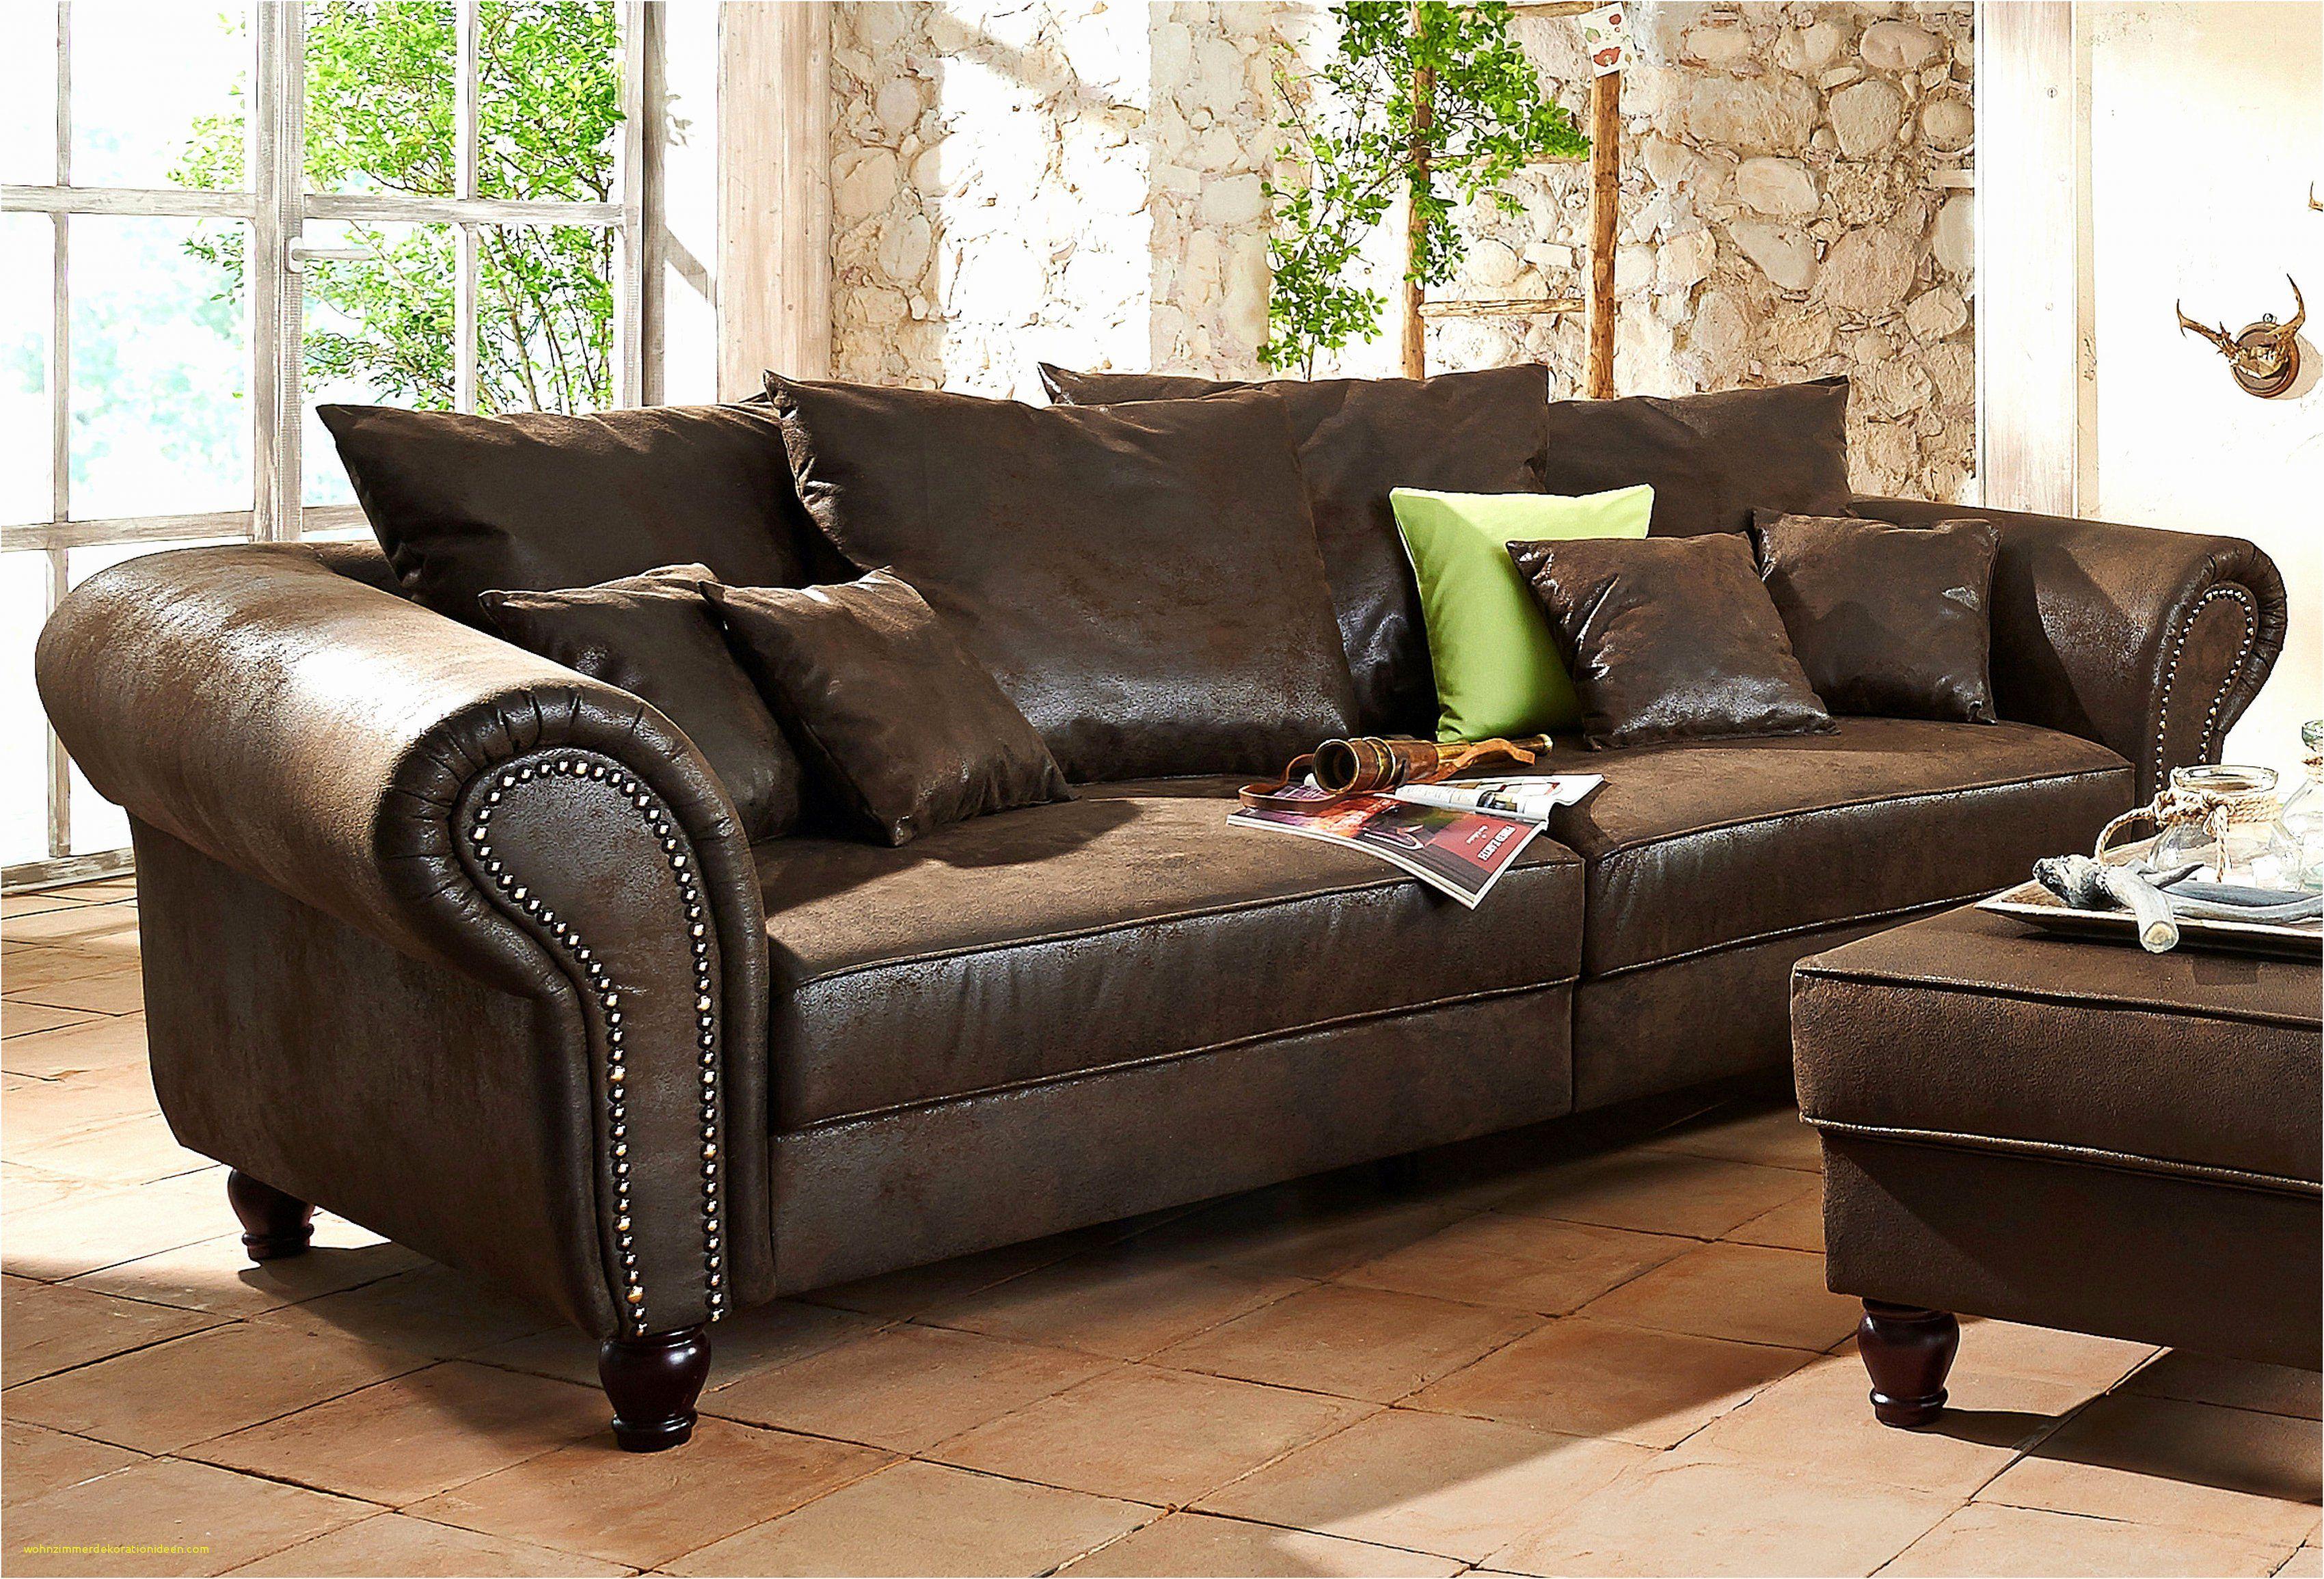 Big Sofa Auf Raten Kaufen Trotz Schufa Sofa Auf Rechnung Bestellen Von Sofa Auf Raten Trotz Schufa Grosse Sofas Mobelideen Mobel